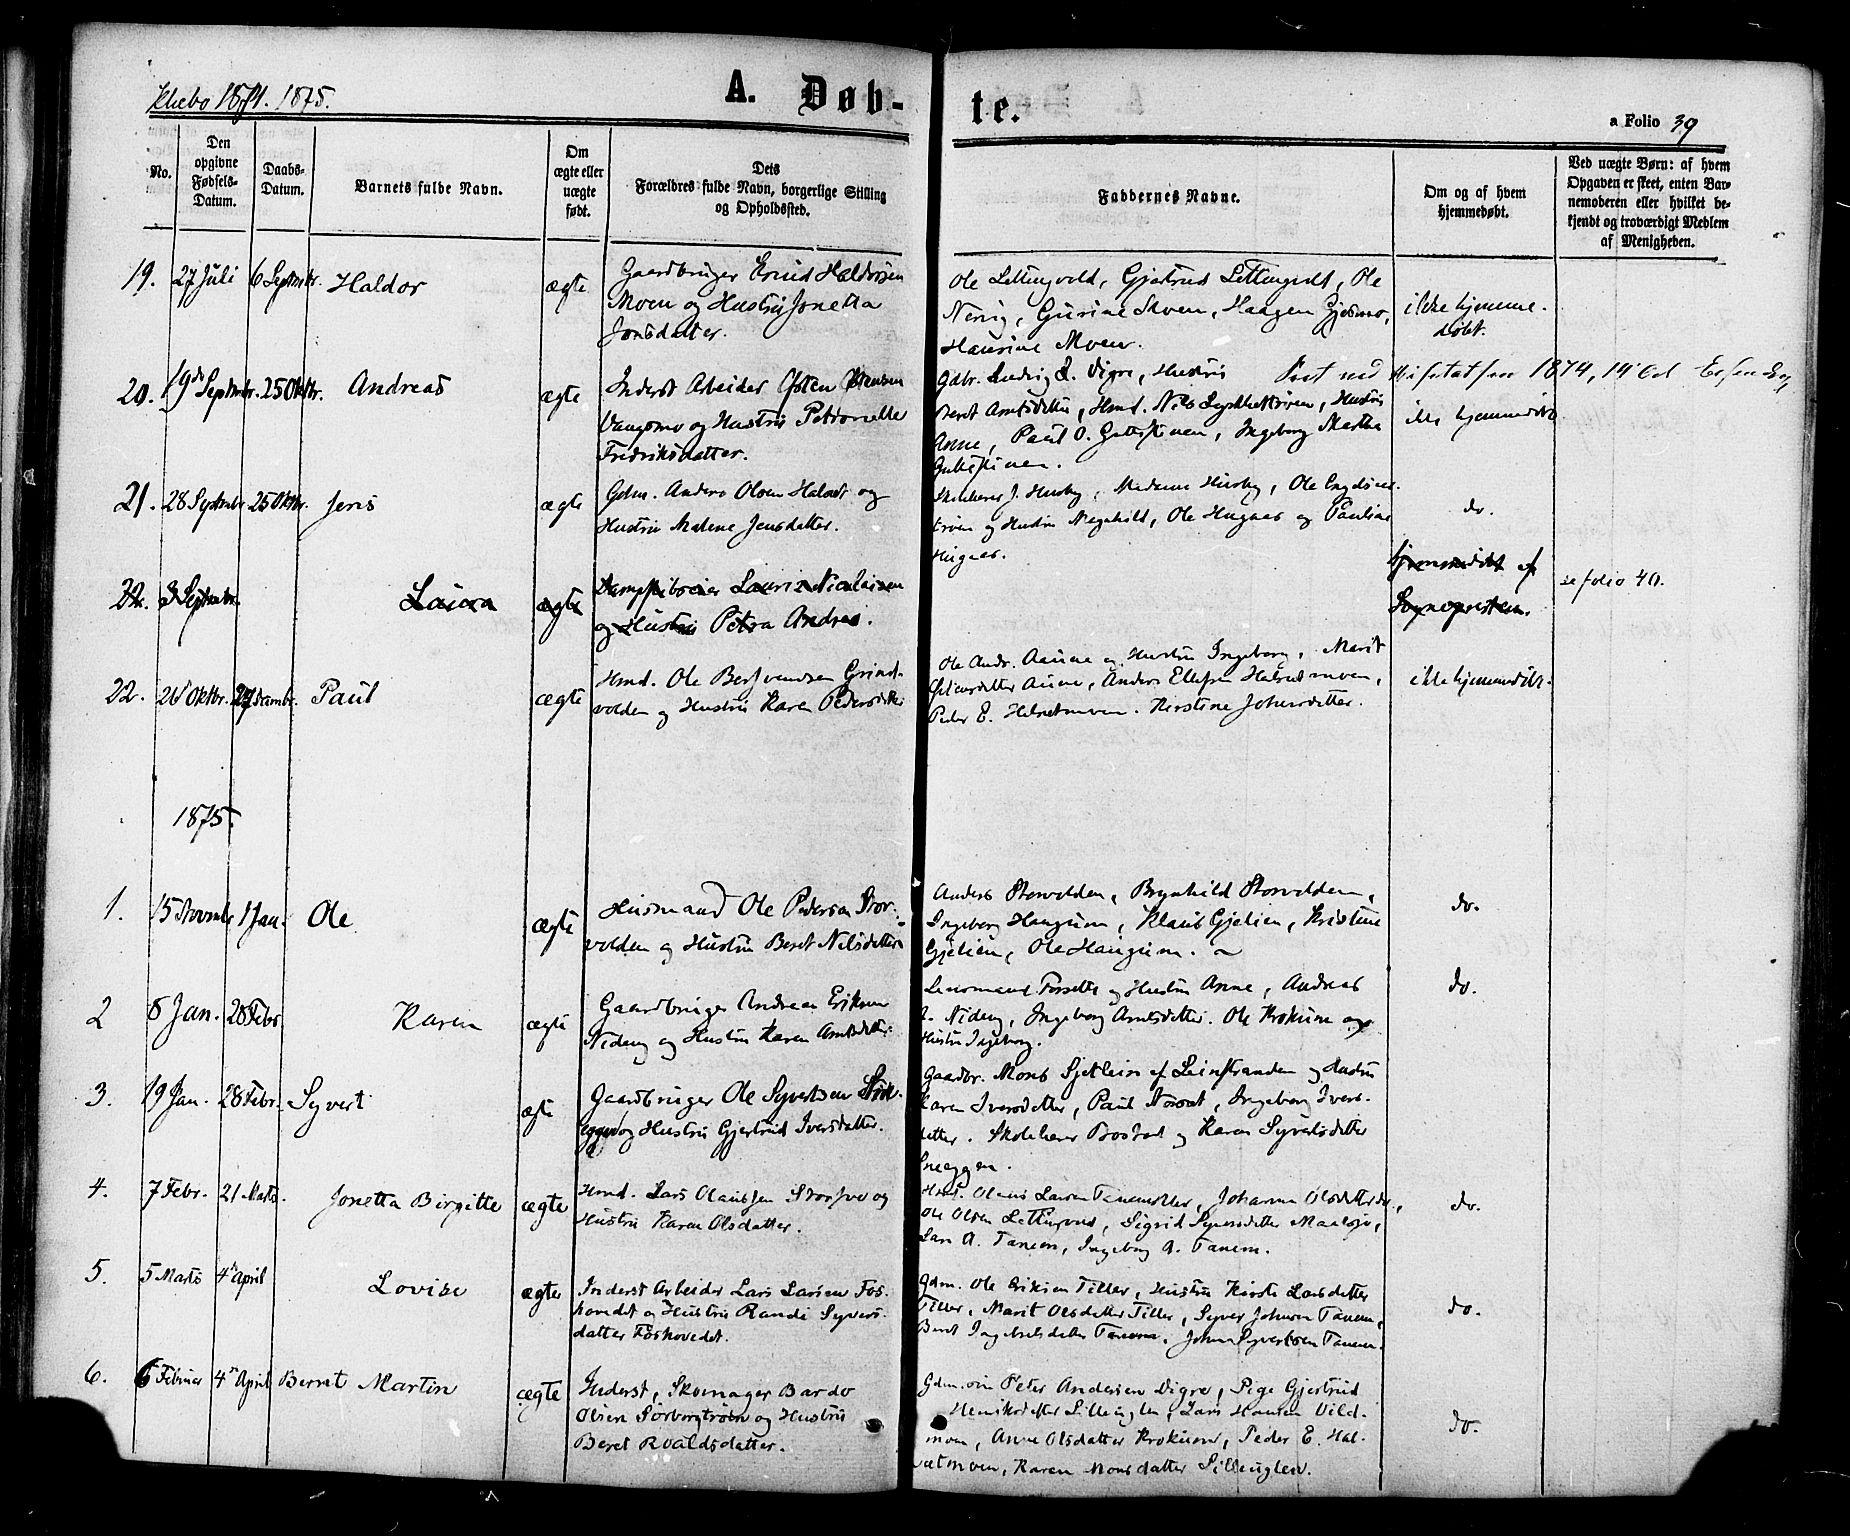 SAT, Ministerialprotokoller, klokkerbøker og fødselsregistre - Sør-Trøndelag, 618/L0442: Ministerialbok nr. 618A06 /1, 1863-1879, s. 39